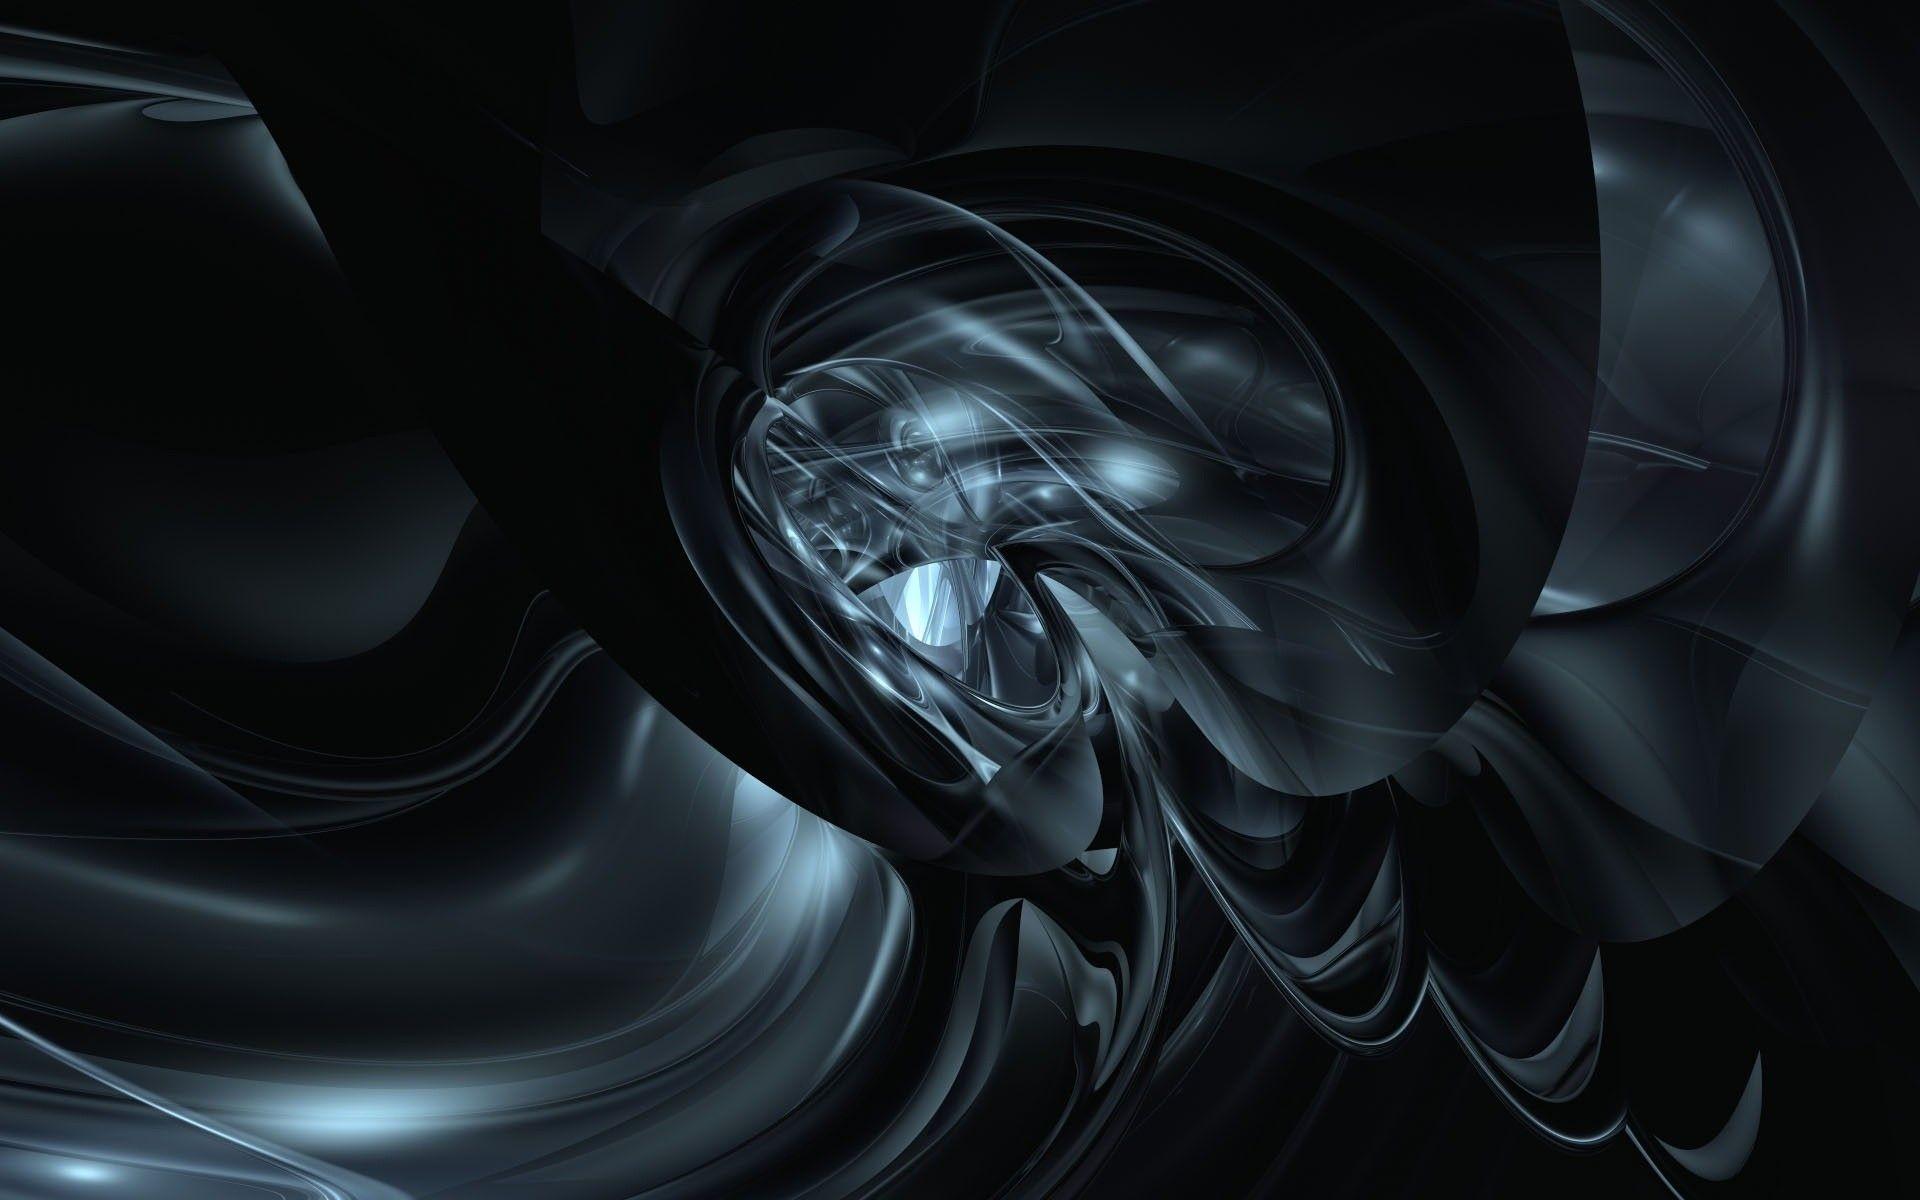 Black And Silver Abstract Wallpaper – ImgMob